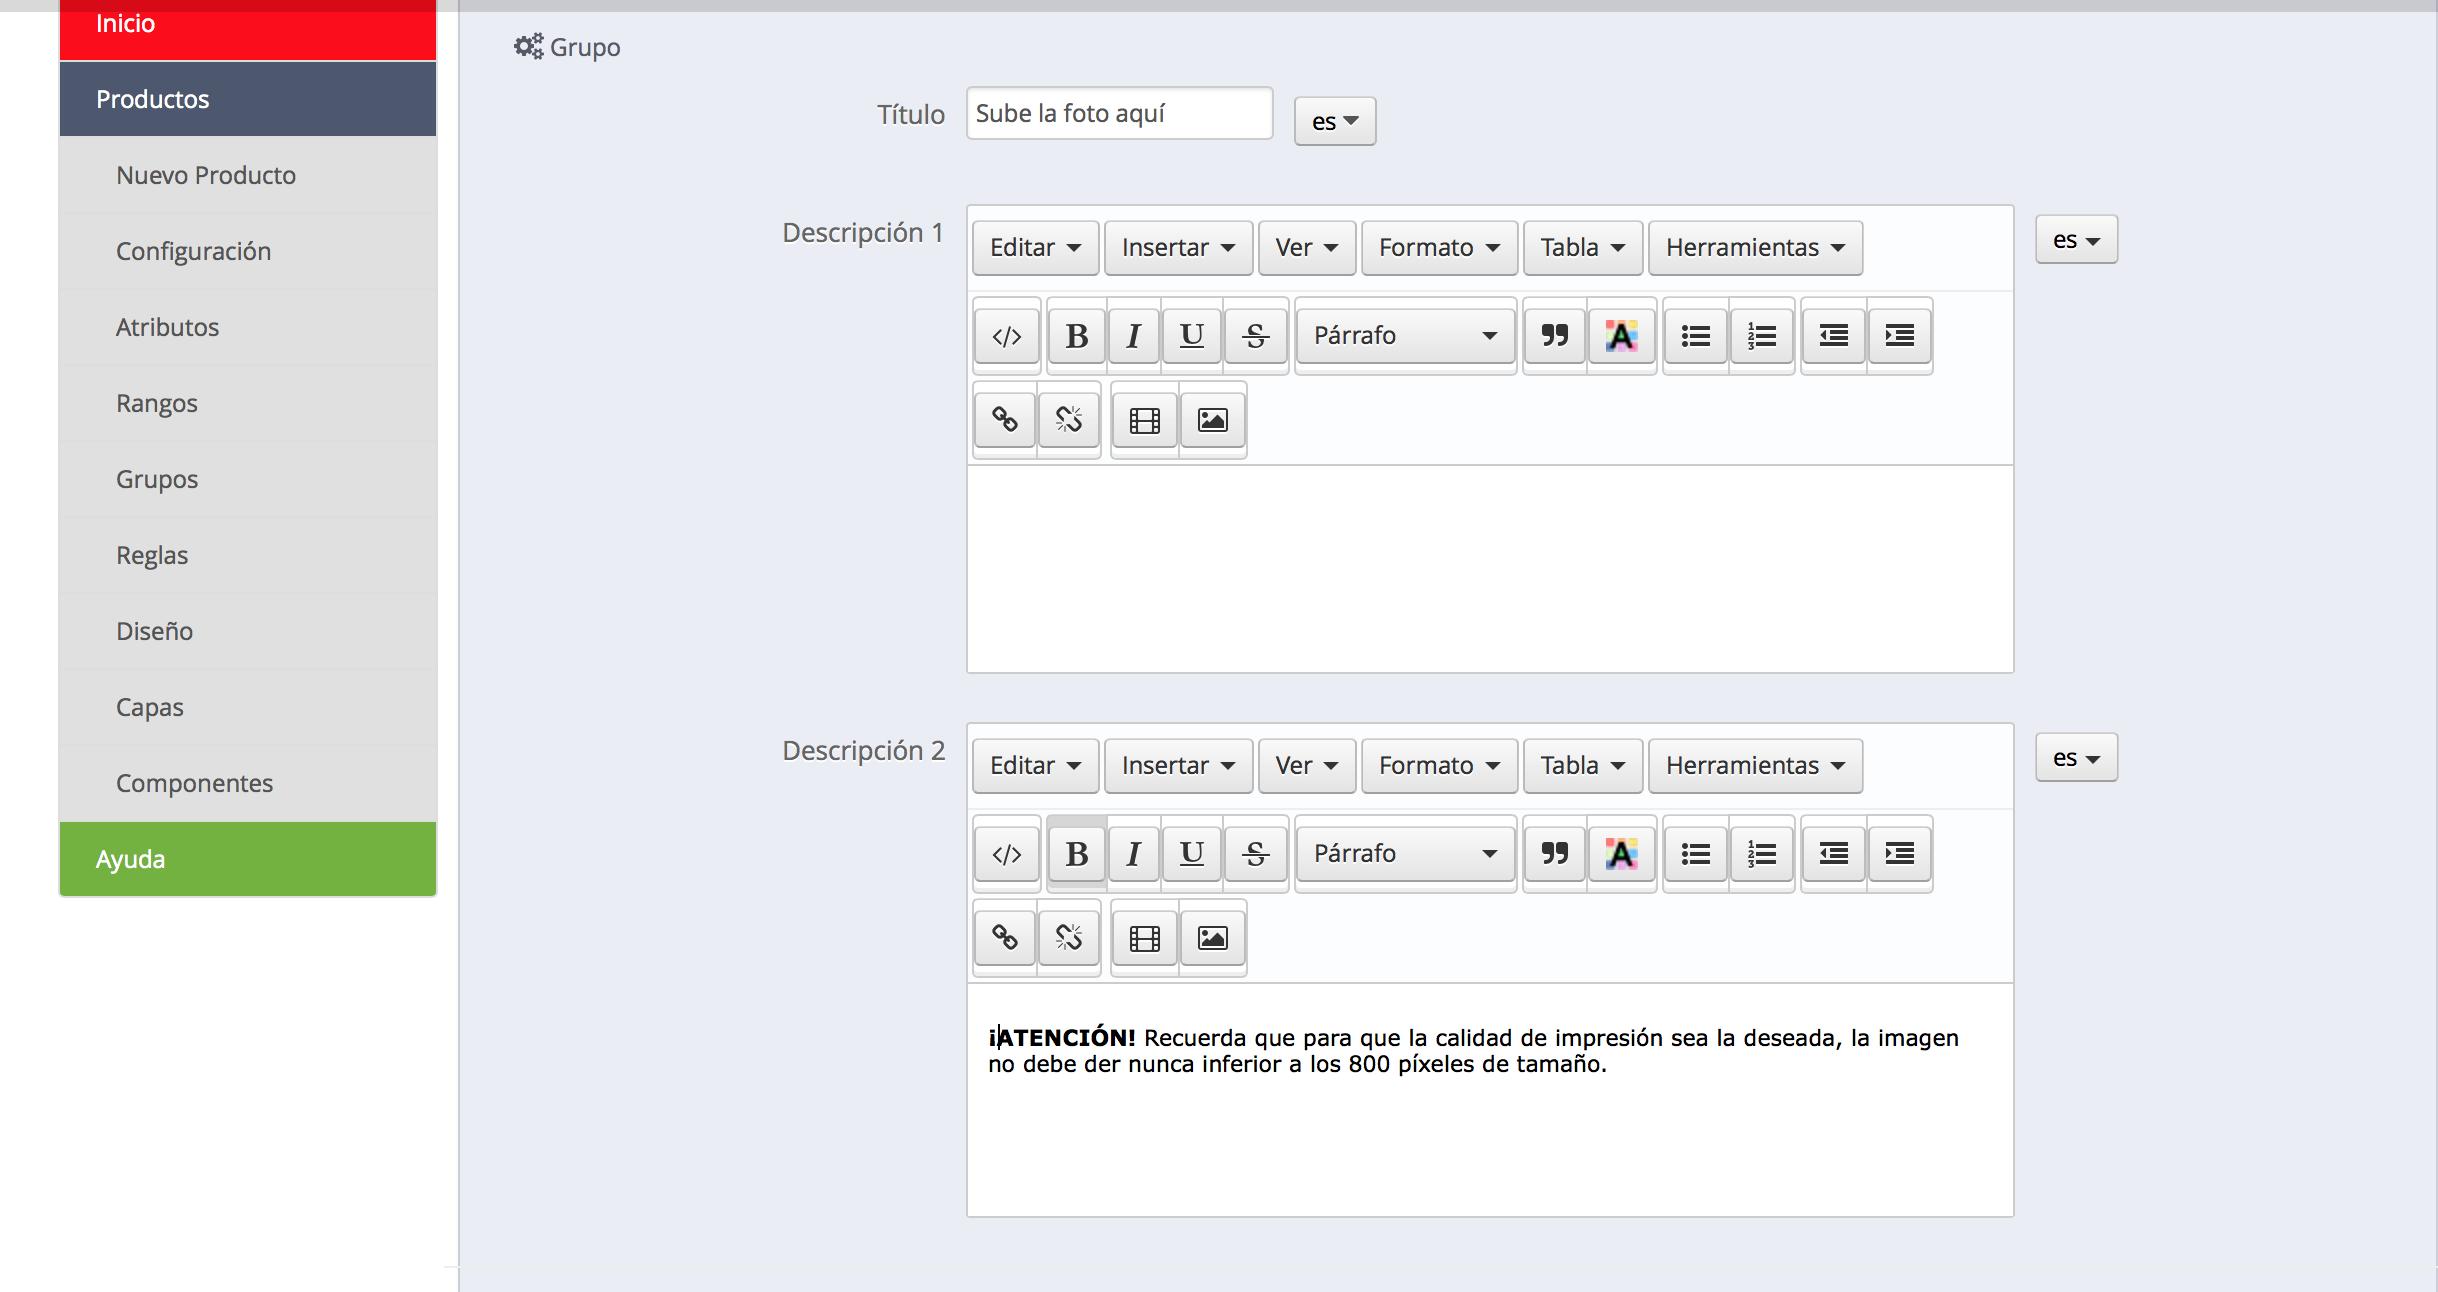 Añadir descripción de la ayuda tooltip en un grupo